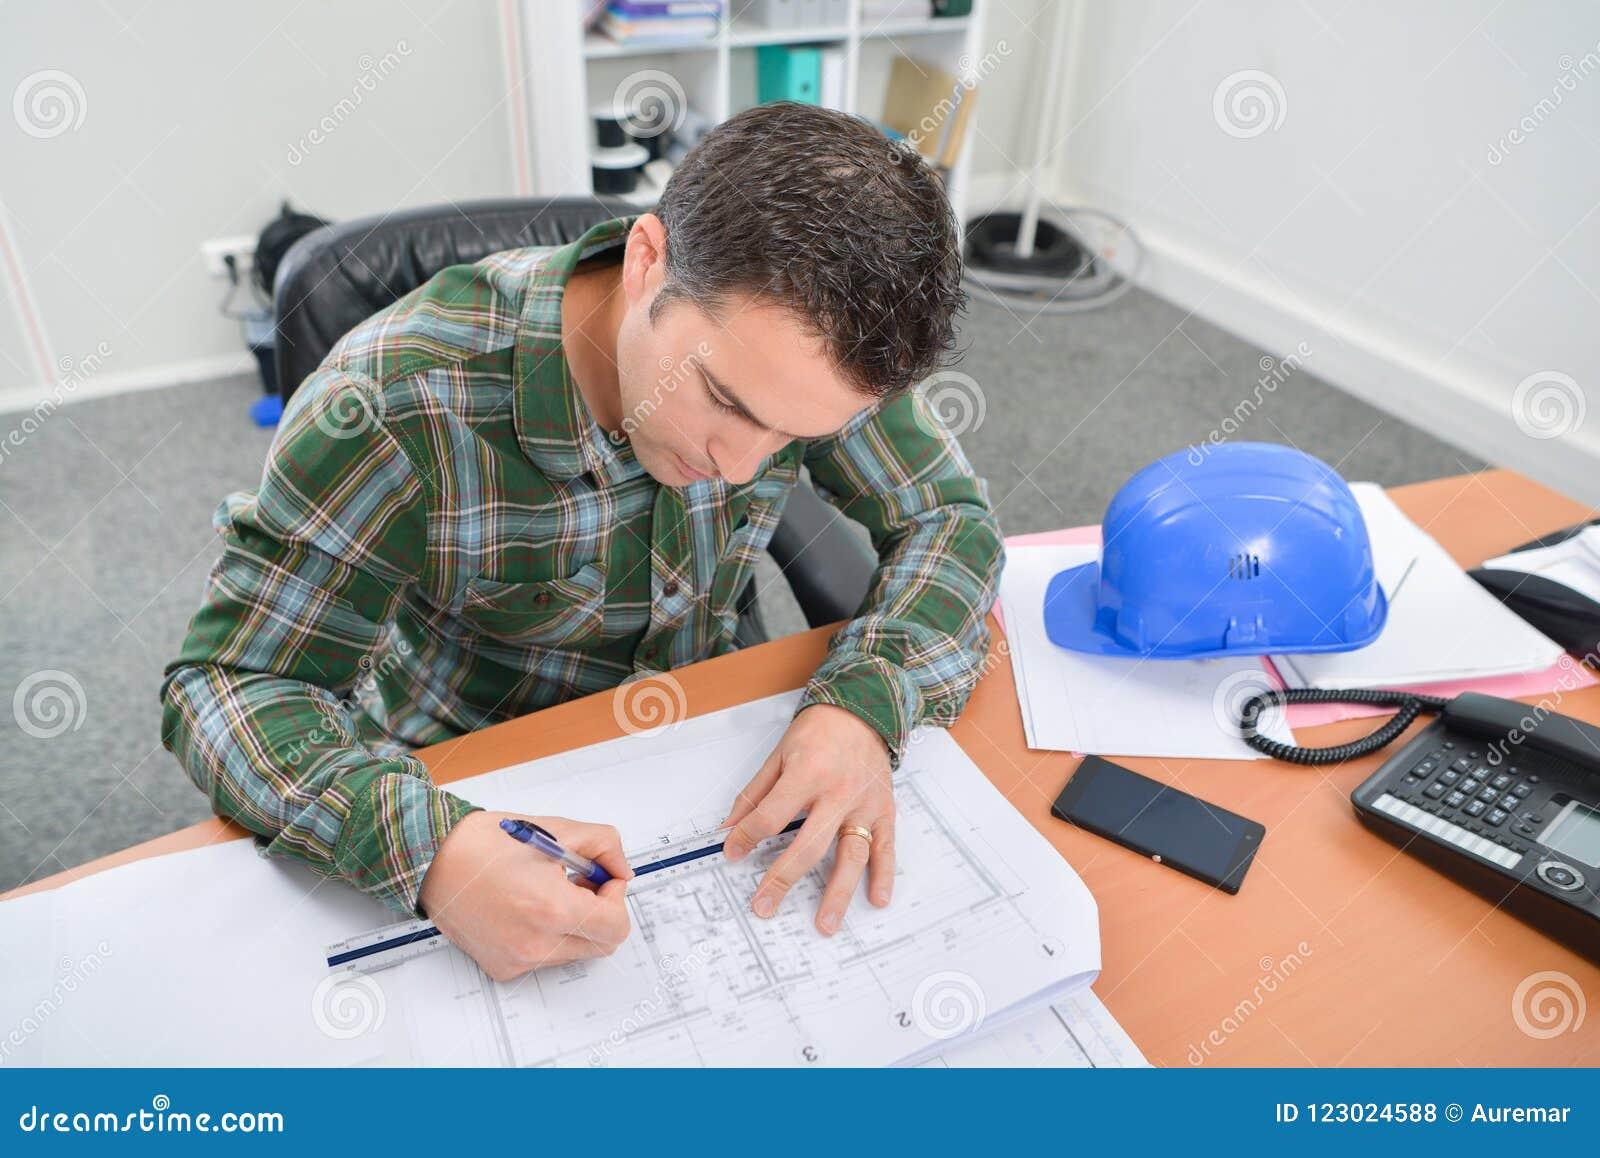 Mens bij bureau wordt gezeten die aan blauwdrukken werken die